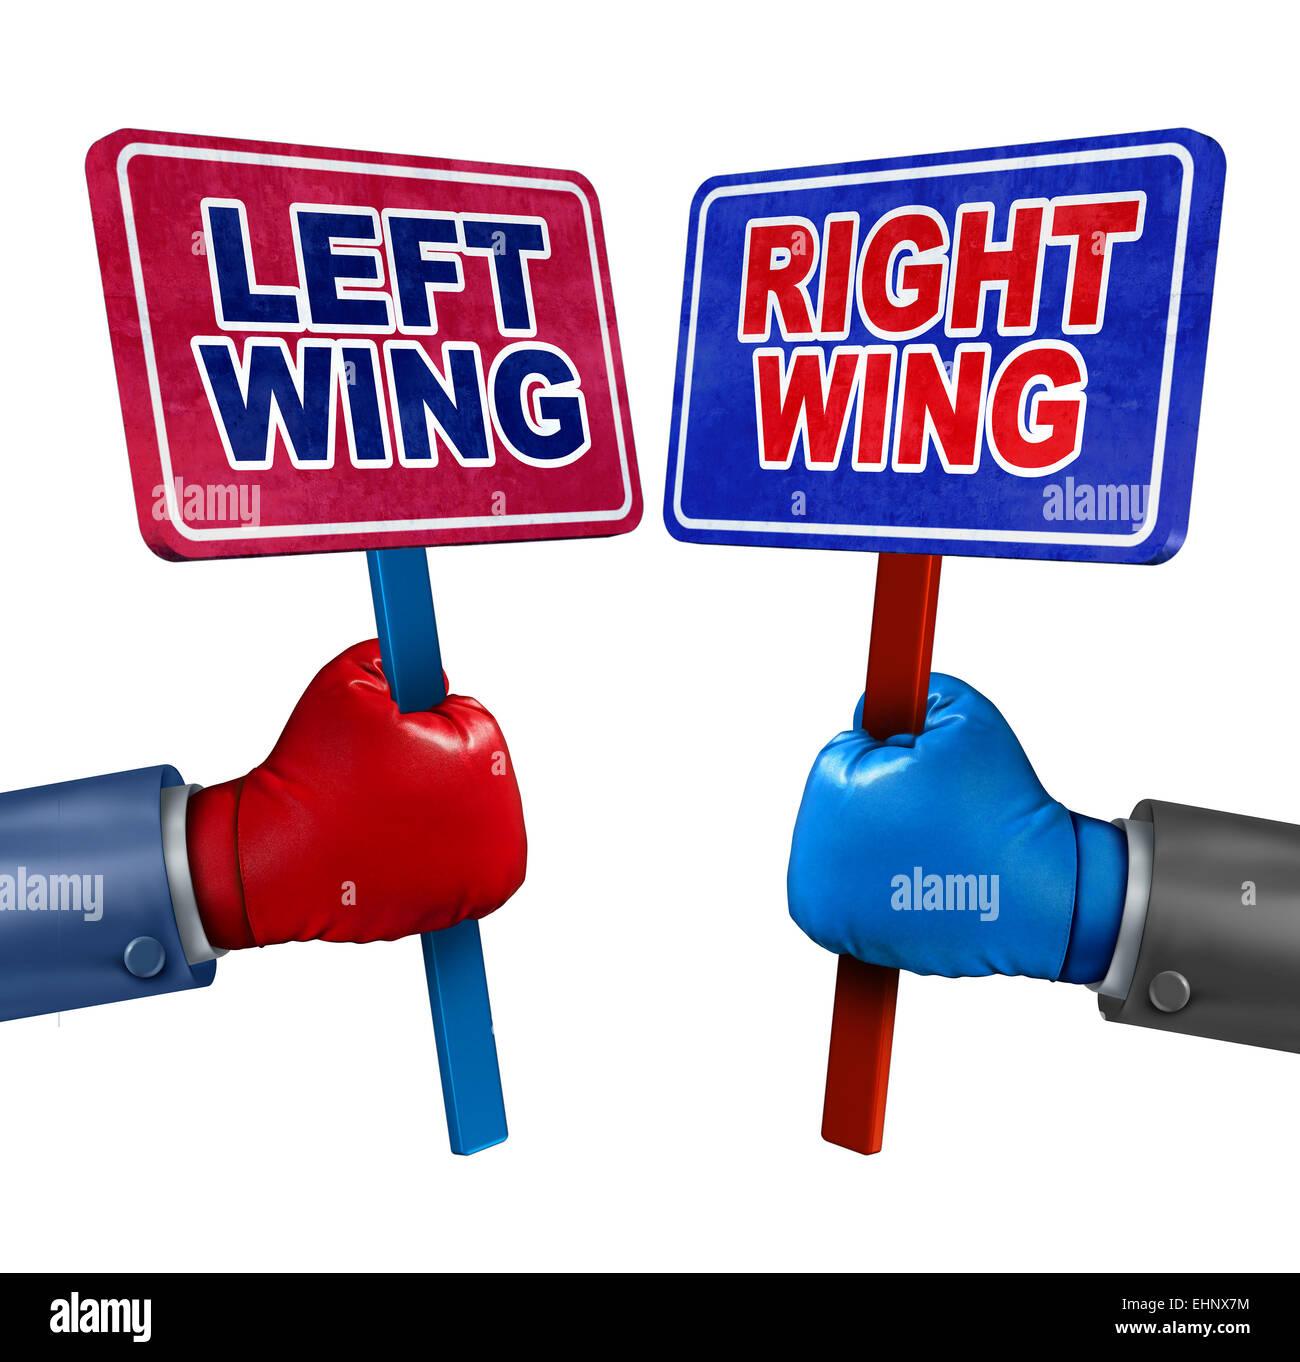 Concepto de política izquierda y derecha como dos candidatos que representan valores conservadores y liberales Imagen De Stock